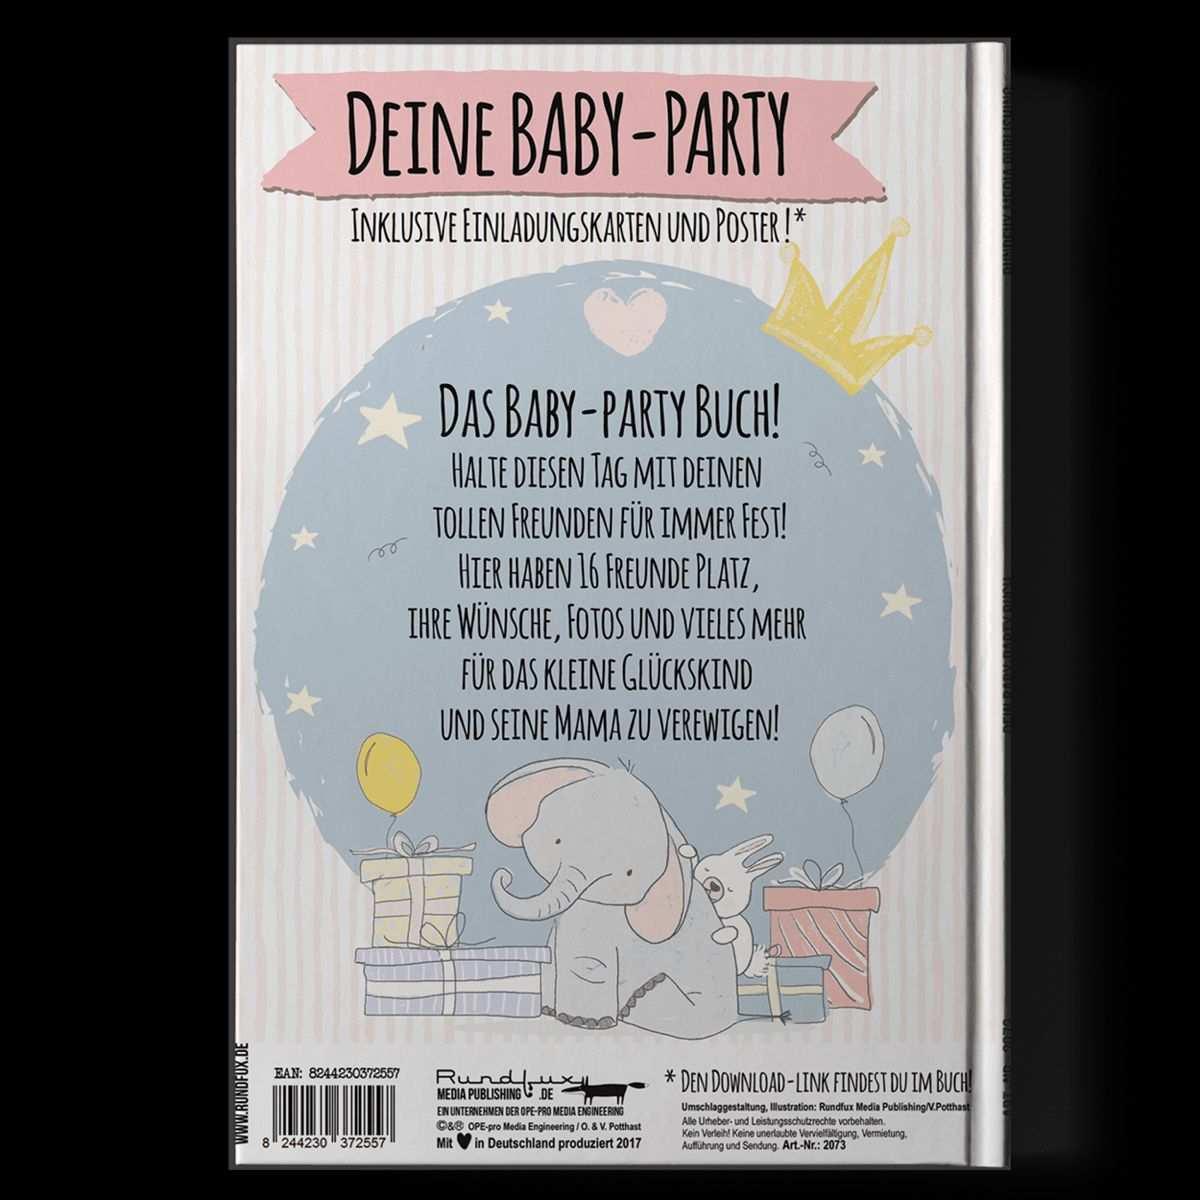 Das Baby Party Buch Ein Einzigartiges Geschenk Zur Babyshower Party Babyparty Babyparty Einladungskarten Babyshower Party